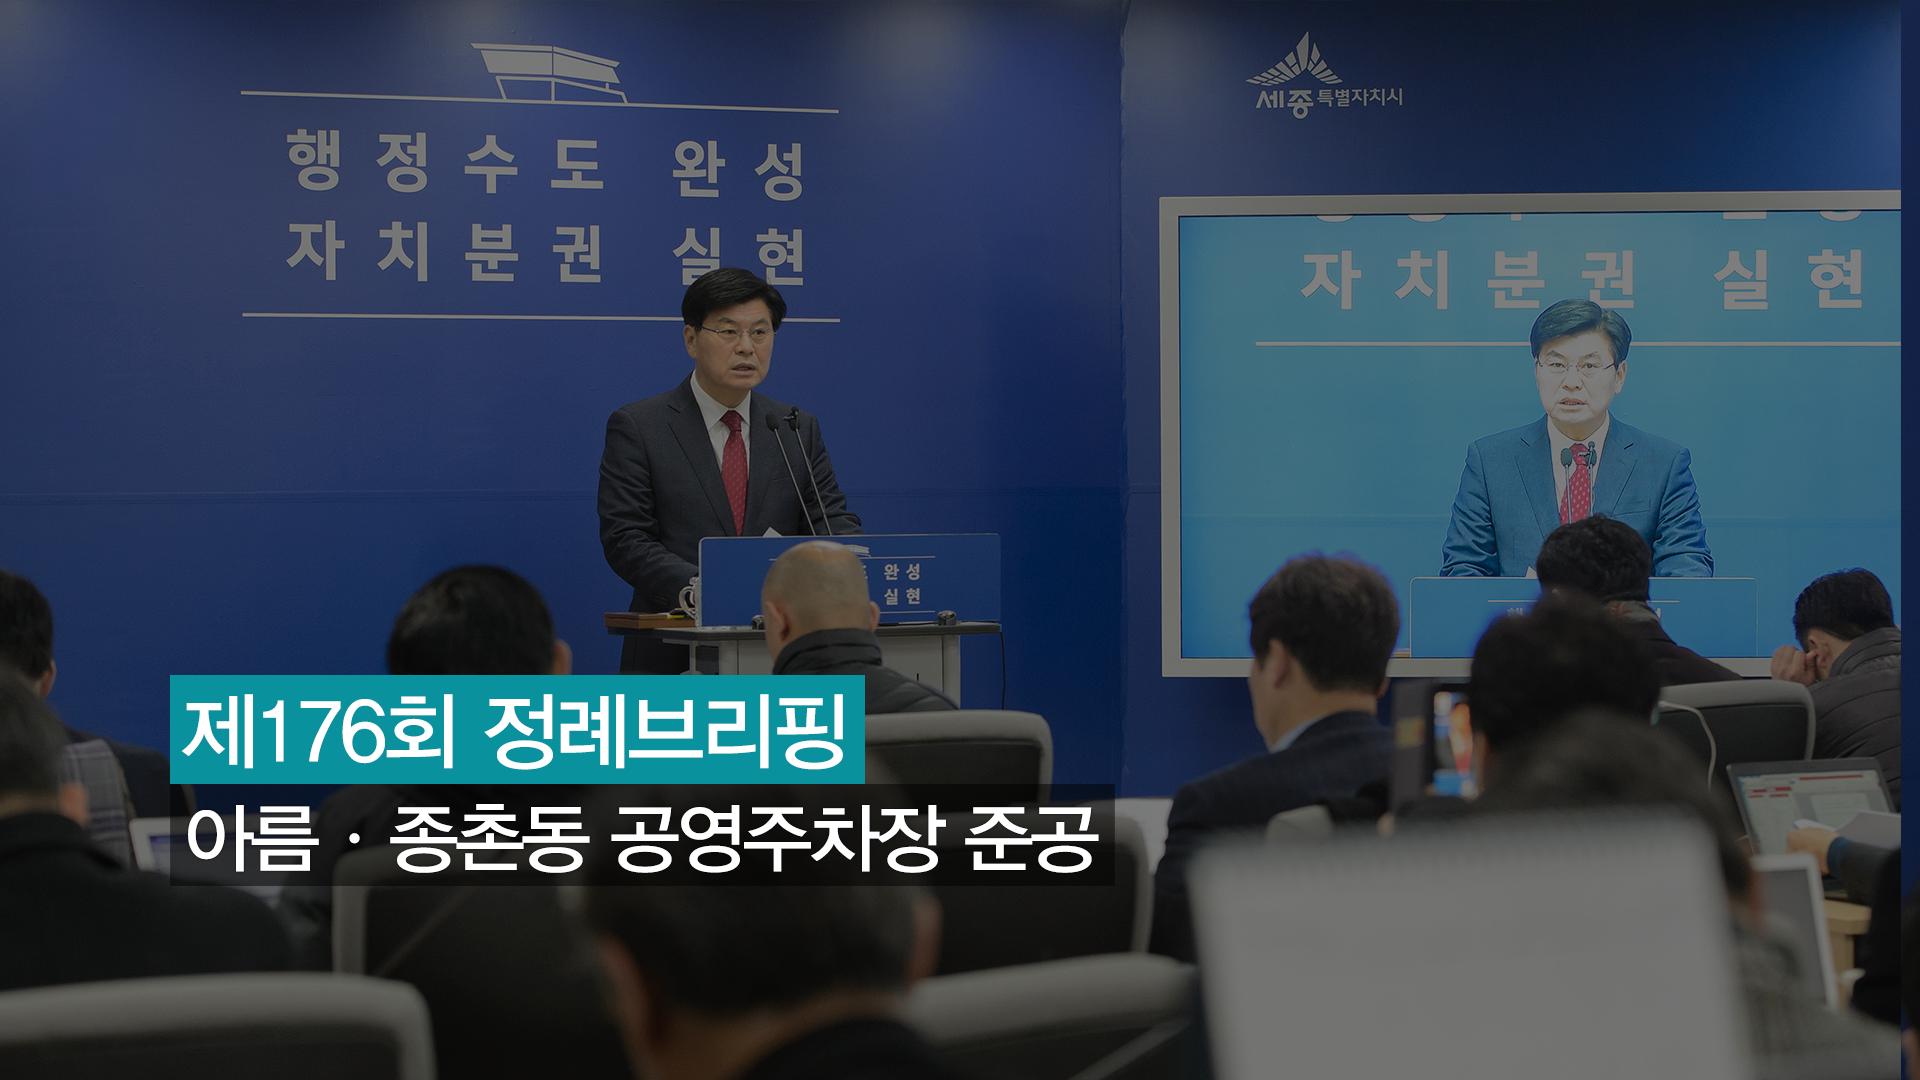 <176번째 정례브리핑>  아름ㆍ종촌동 공영주차장 준공